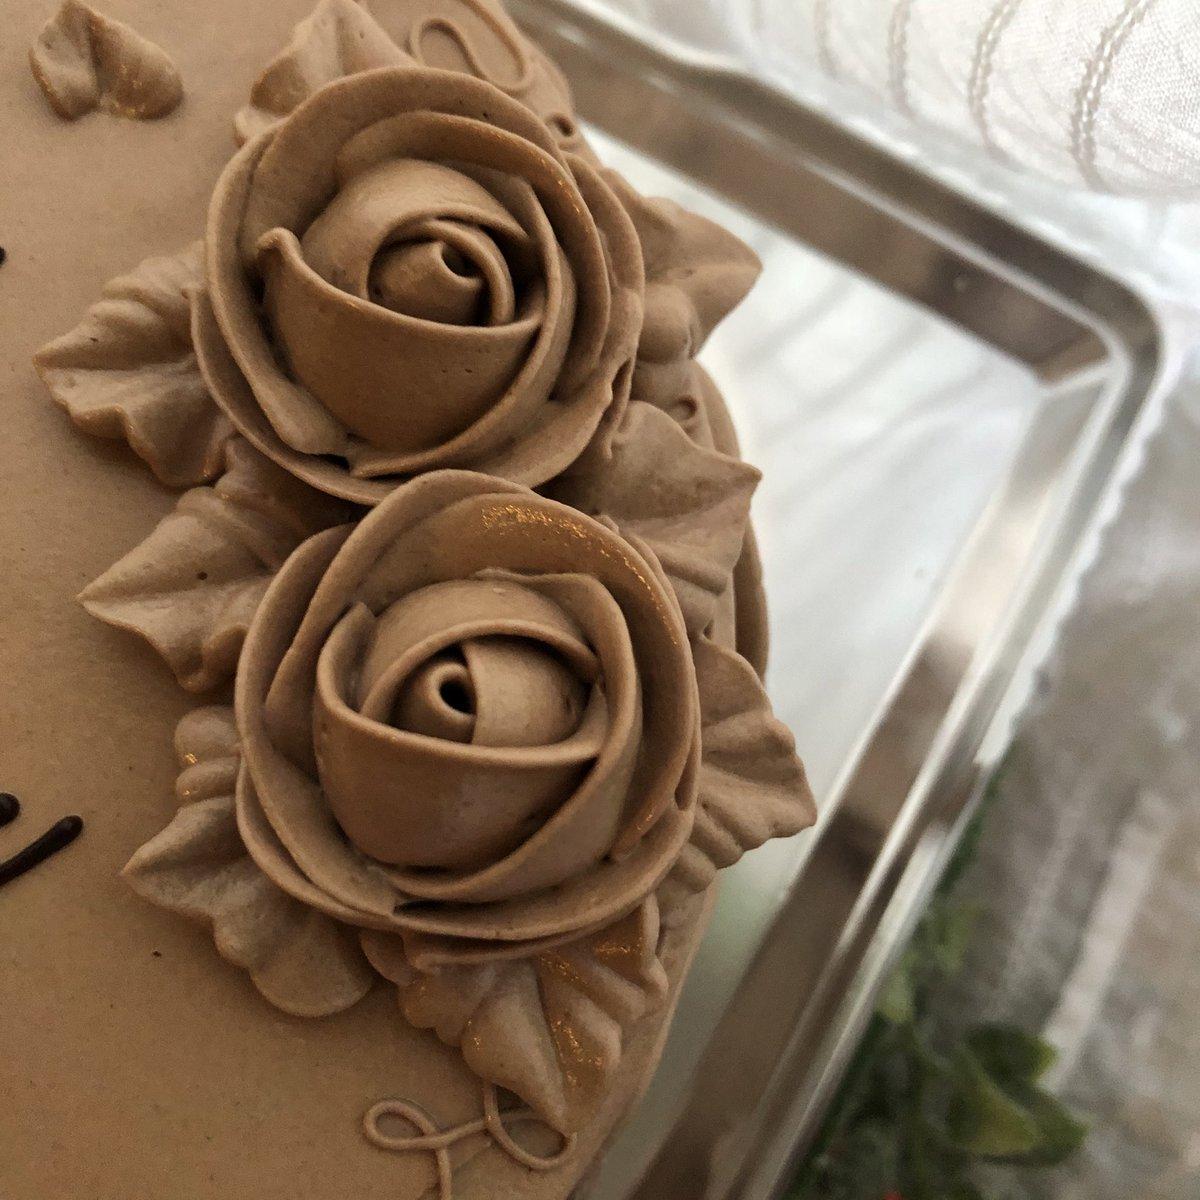 test ツイッターメディア - 今年のケーキも 銀座ウエストさん。  今回は、チョコバターケーキです。 薔薇好きにはたまらないめちゃくちゃ美しくて美味しいケーキです。 https://t.co/DjPGulGzUP